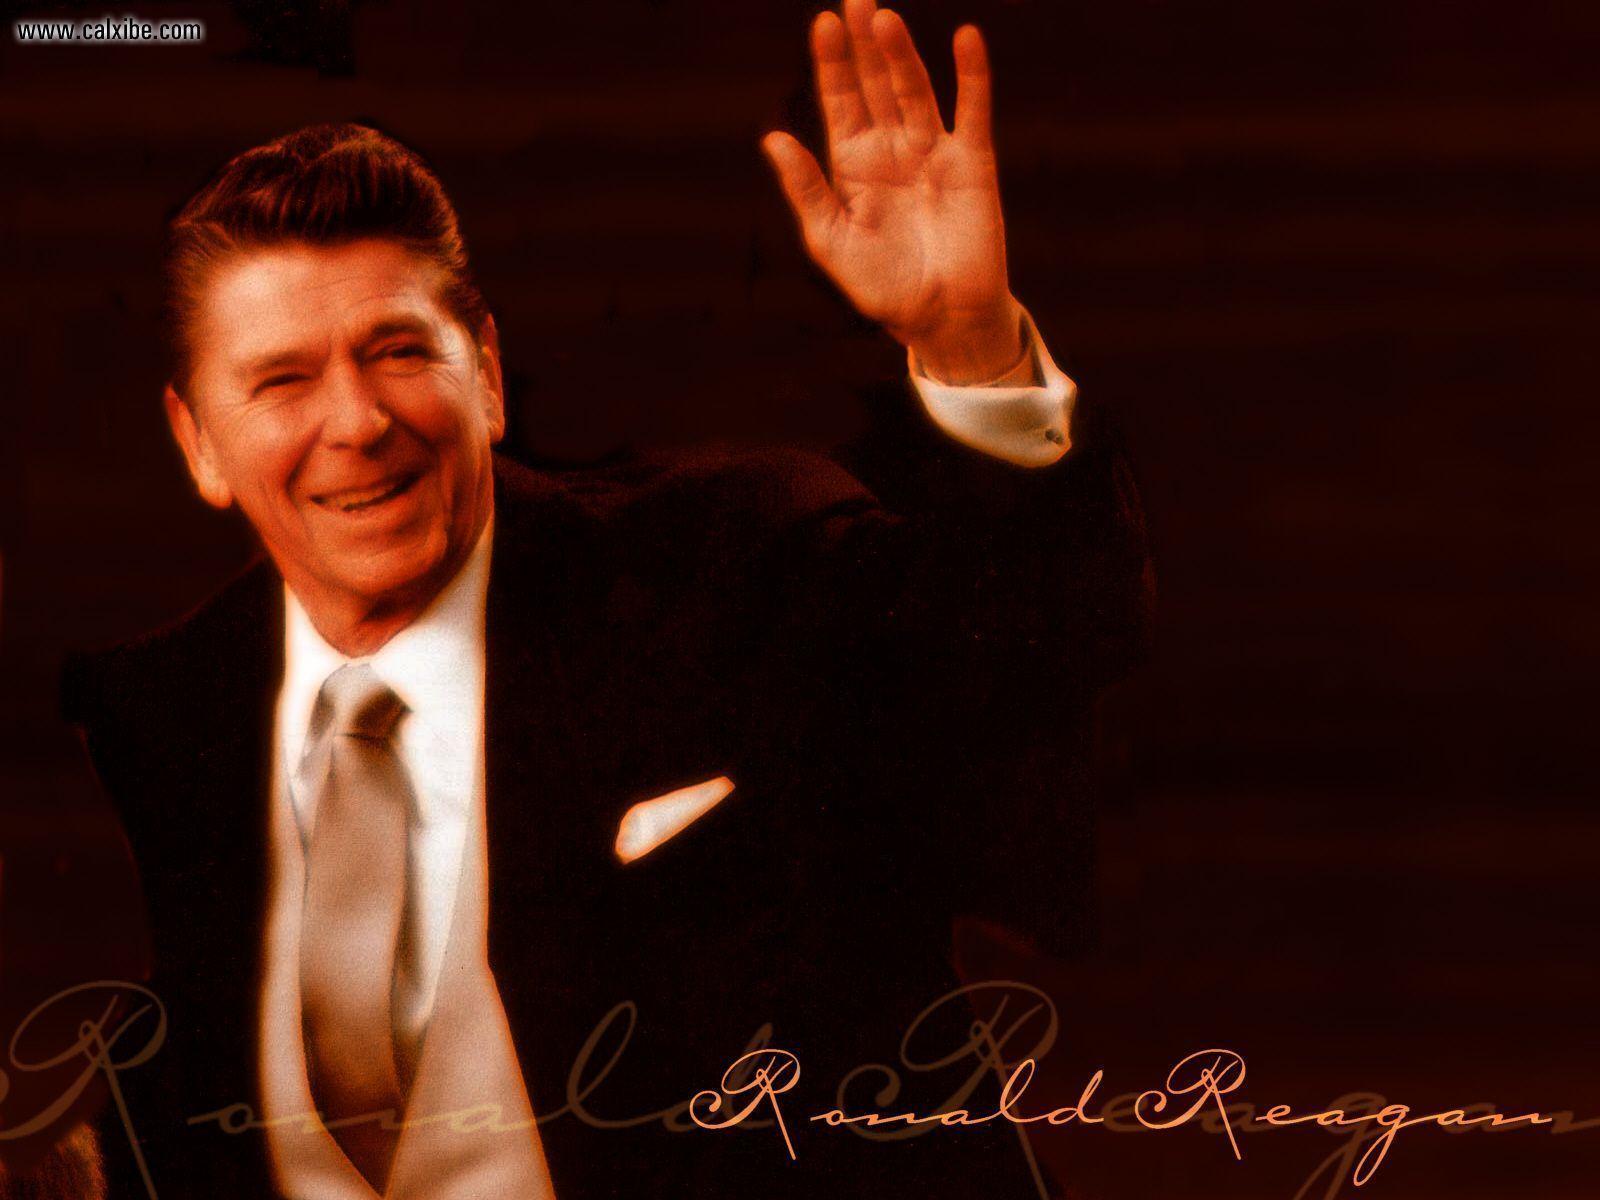 Ronald Reagan 28 Cool Wallpaper